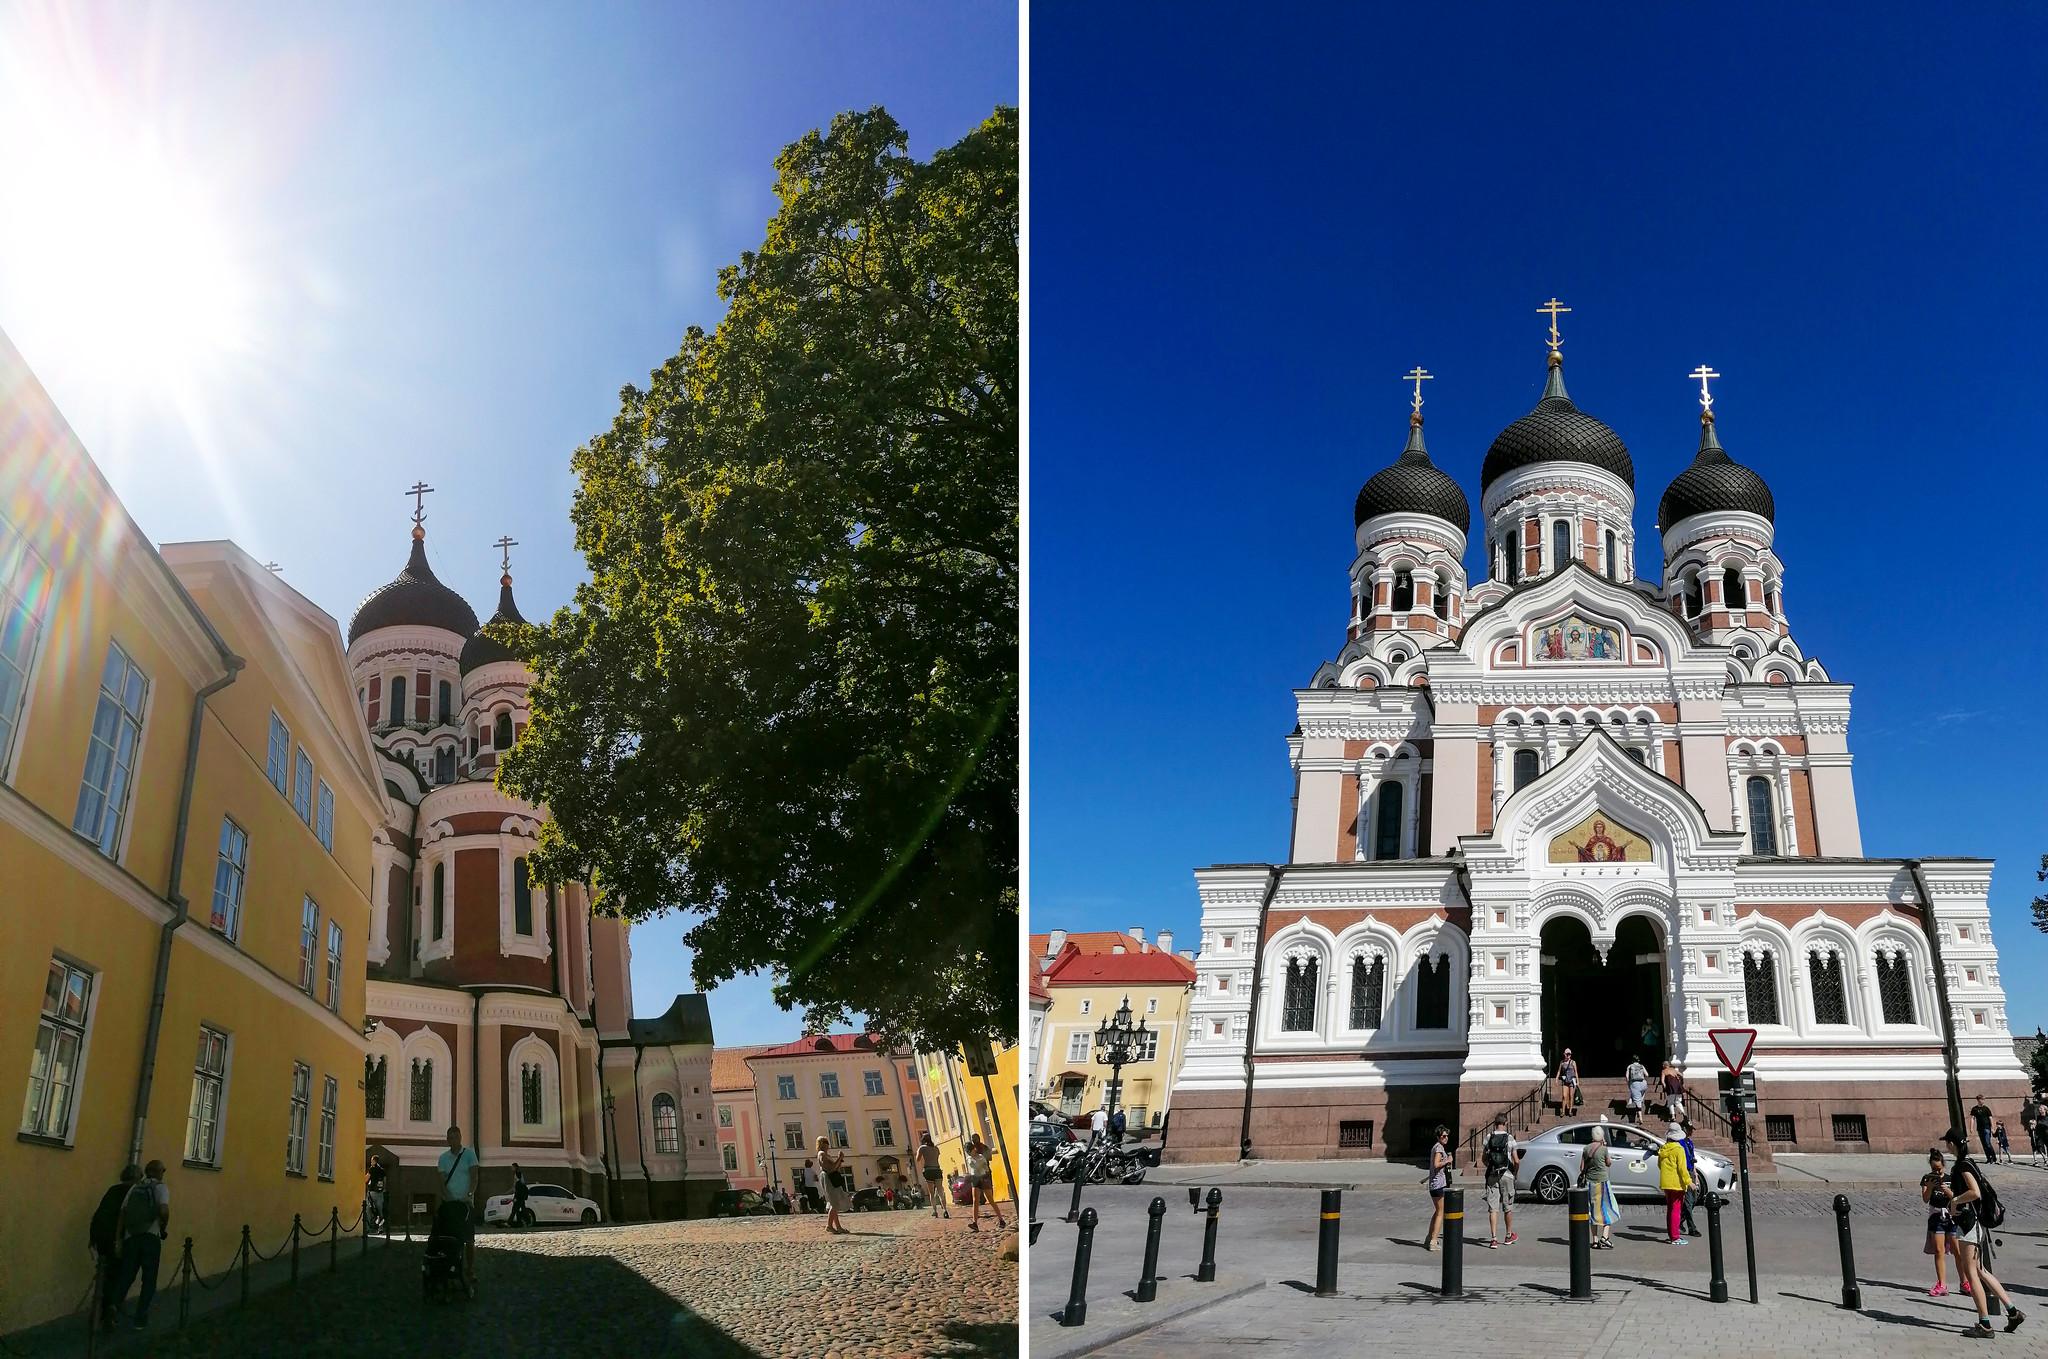 Tallinna - Aleksanteri nevskin katedraali